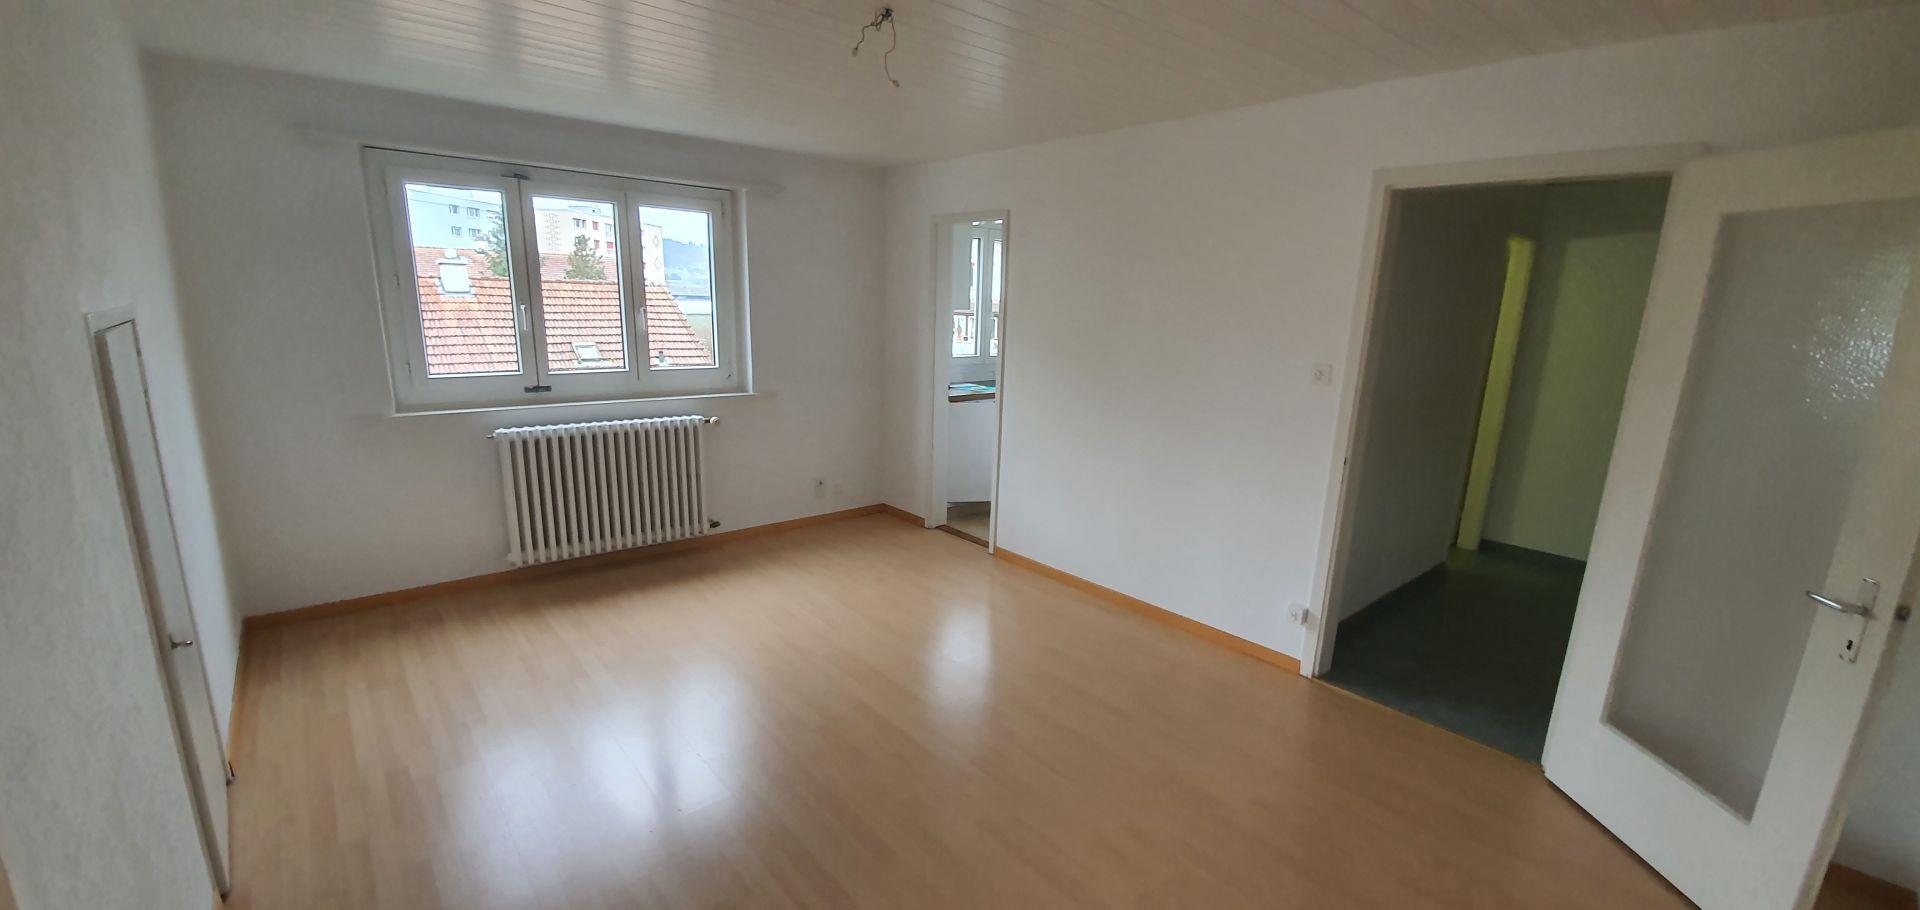 Appartement de 2.5 pièces à Brügg